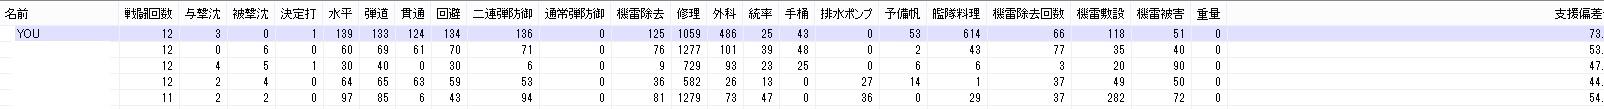 result_20140323013018.jpg